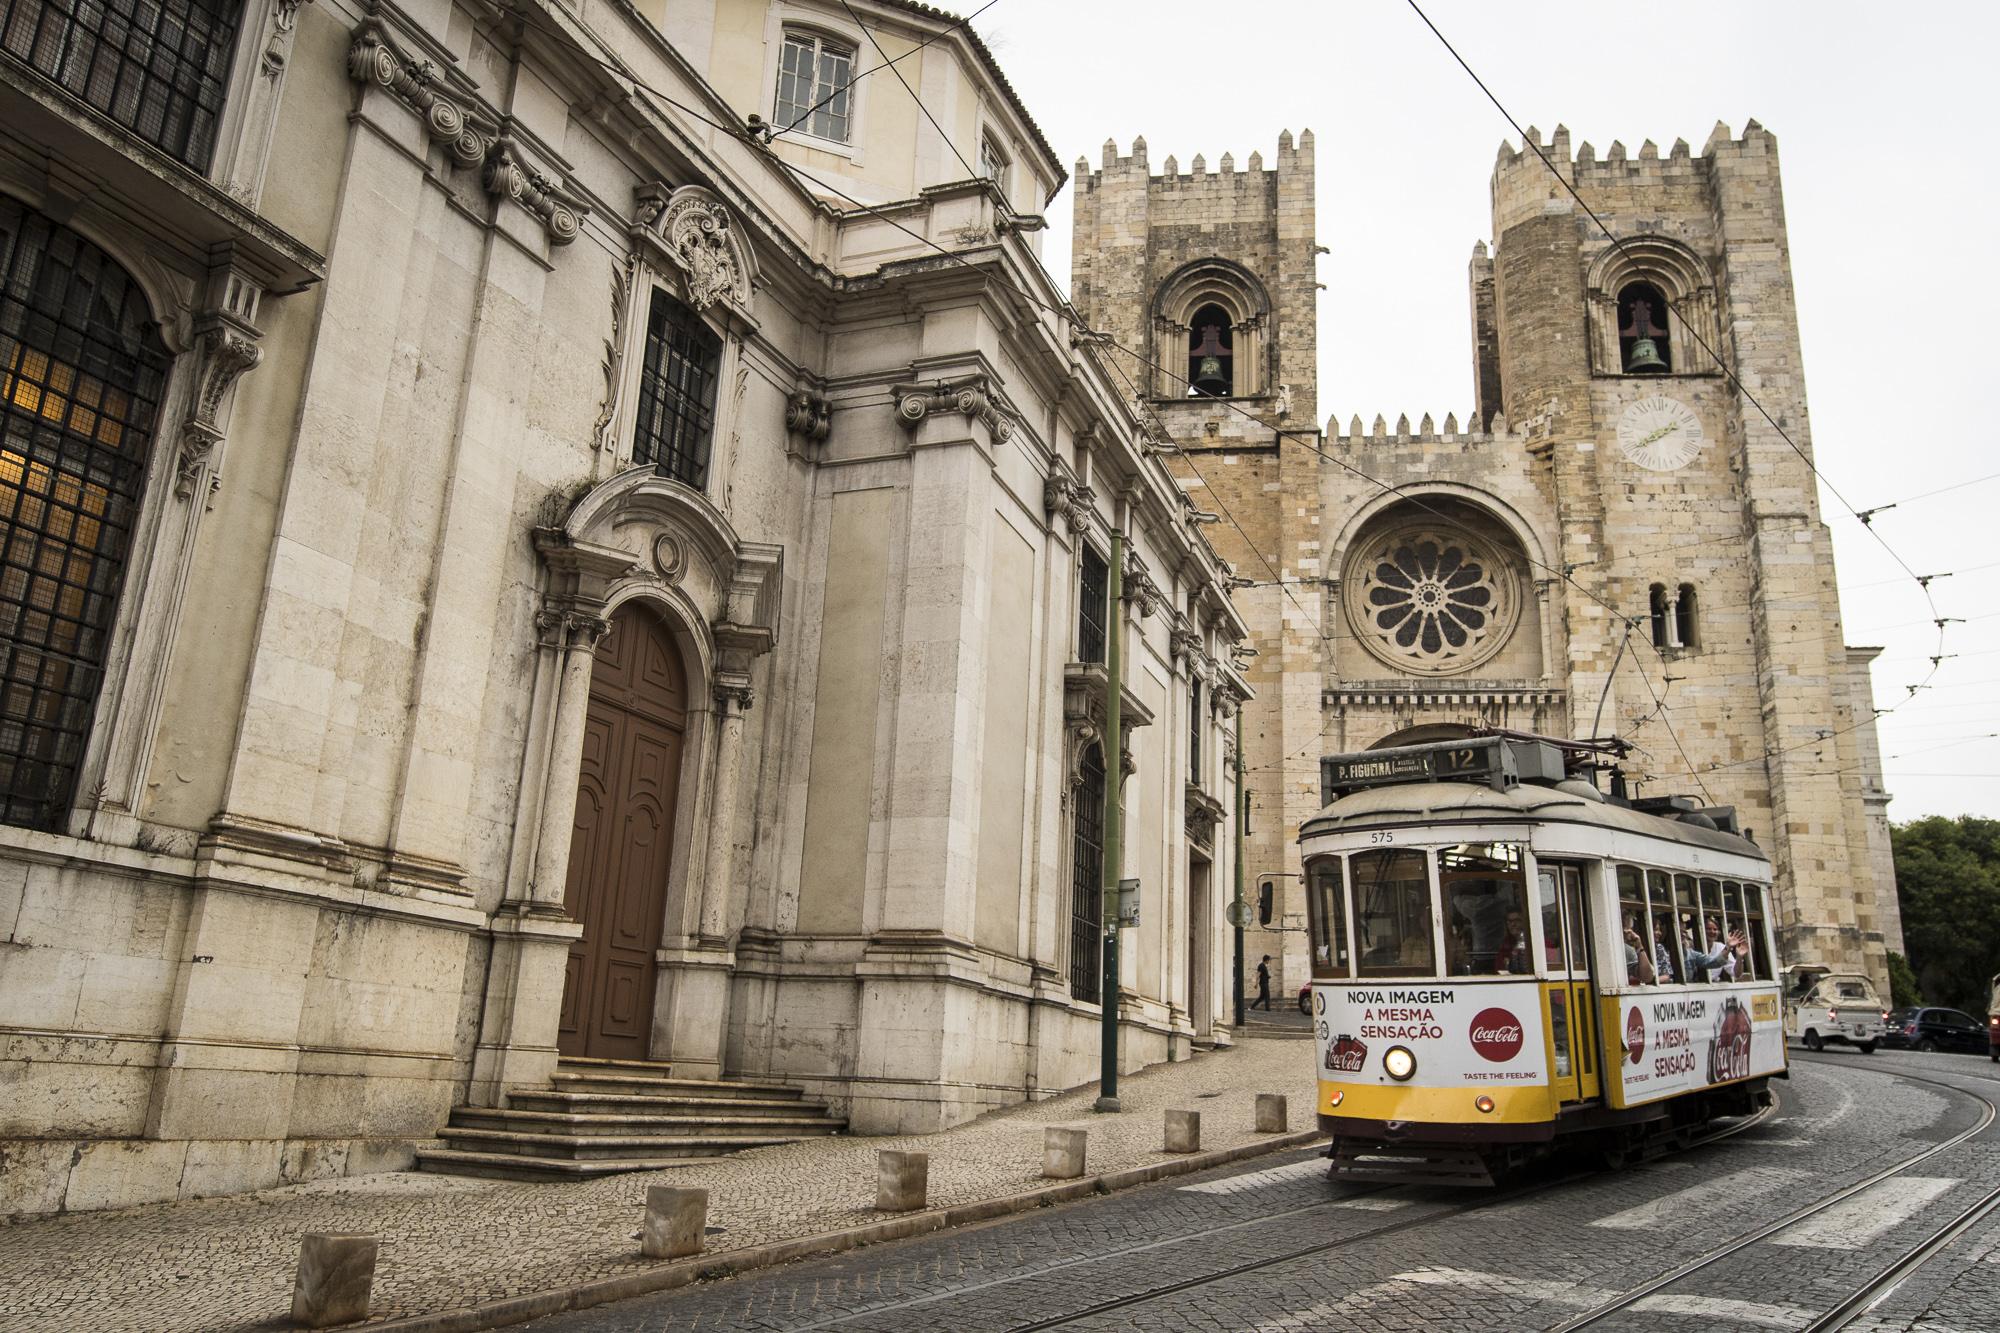 Lisbon Cathedral  PHOTOGRAPHY: ALEXANDER J.E. BRADLEY •NIKON D500 • AF-S NIKKOR 14-24mm f/2.8G ED • 18mm • F/4 •1/200 •ISO 400